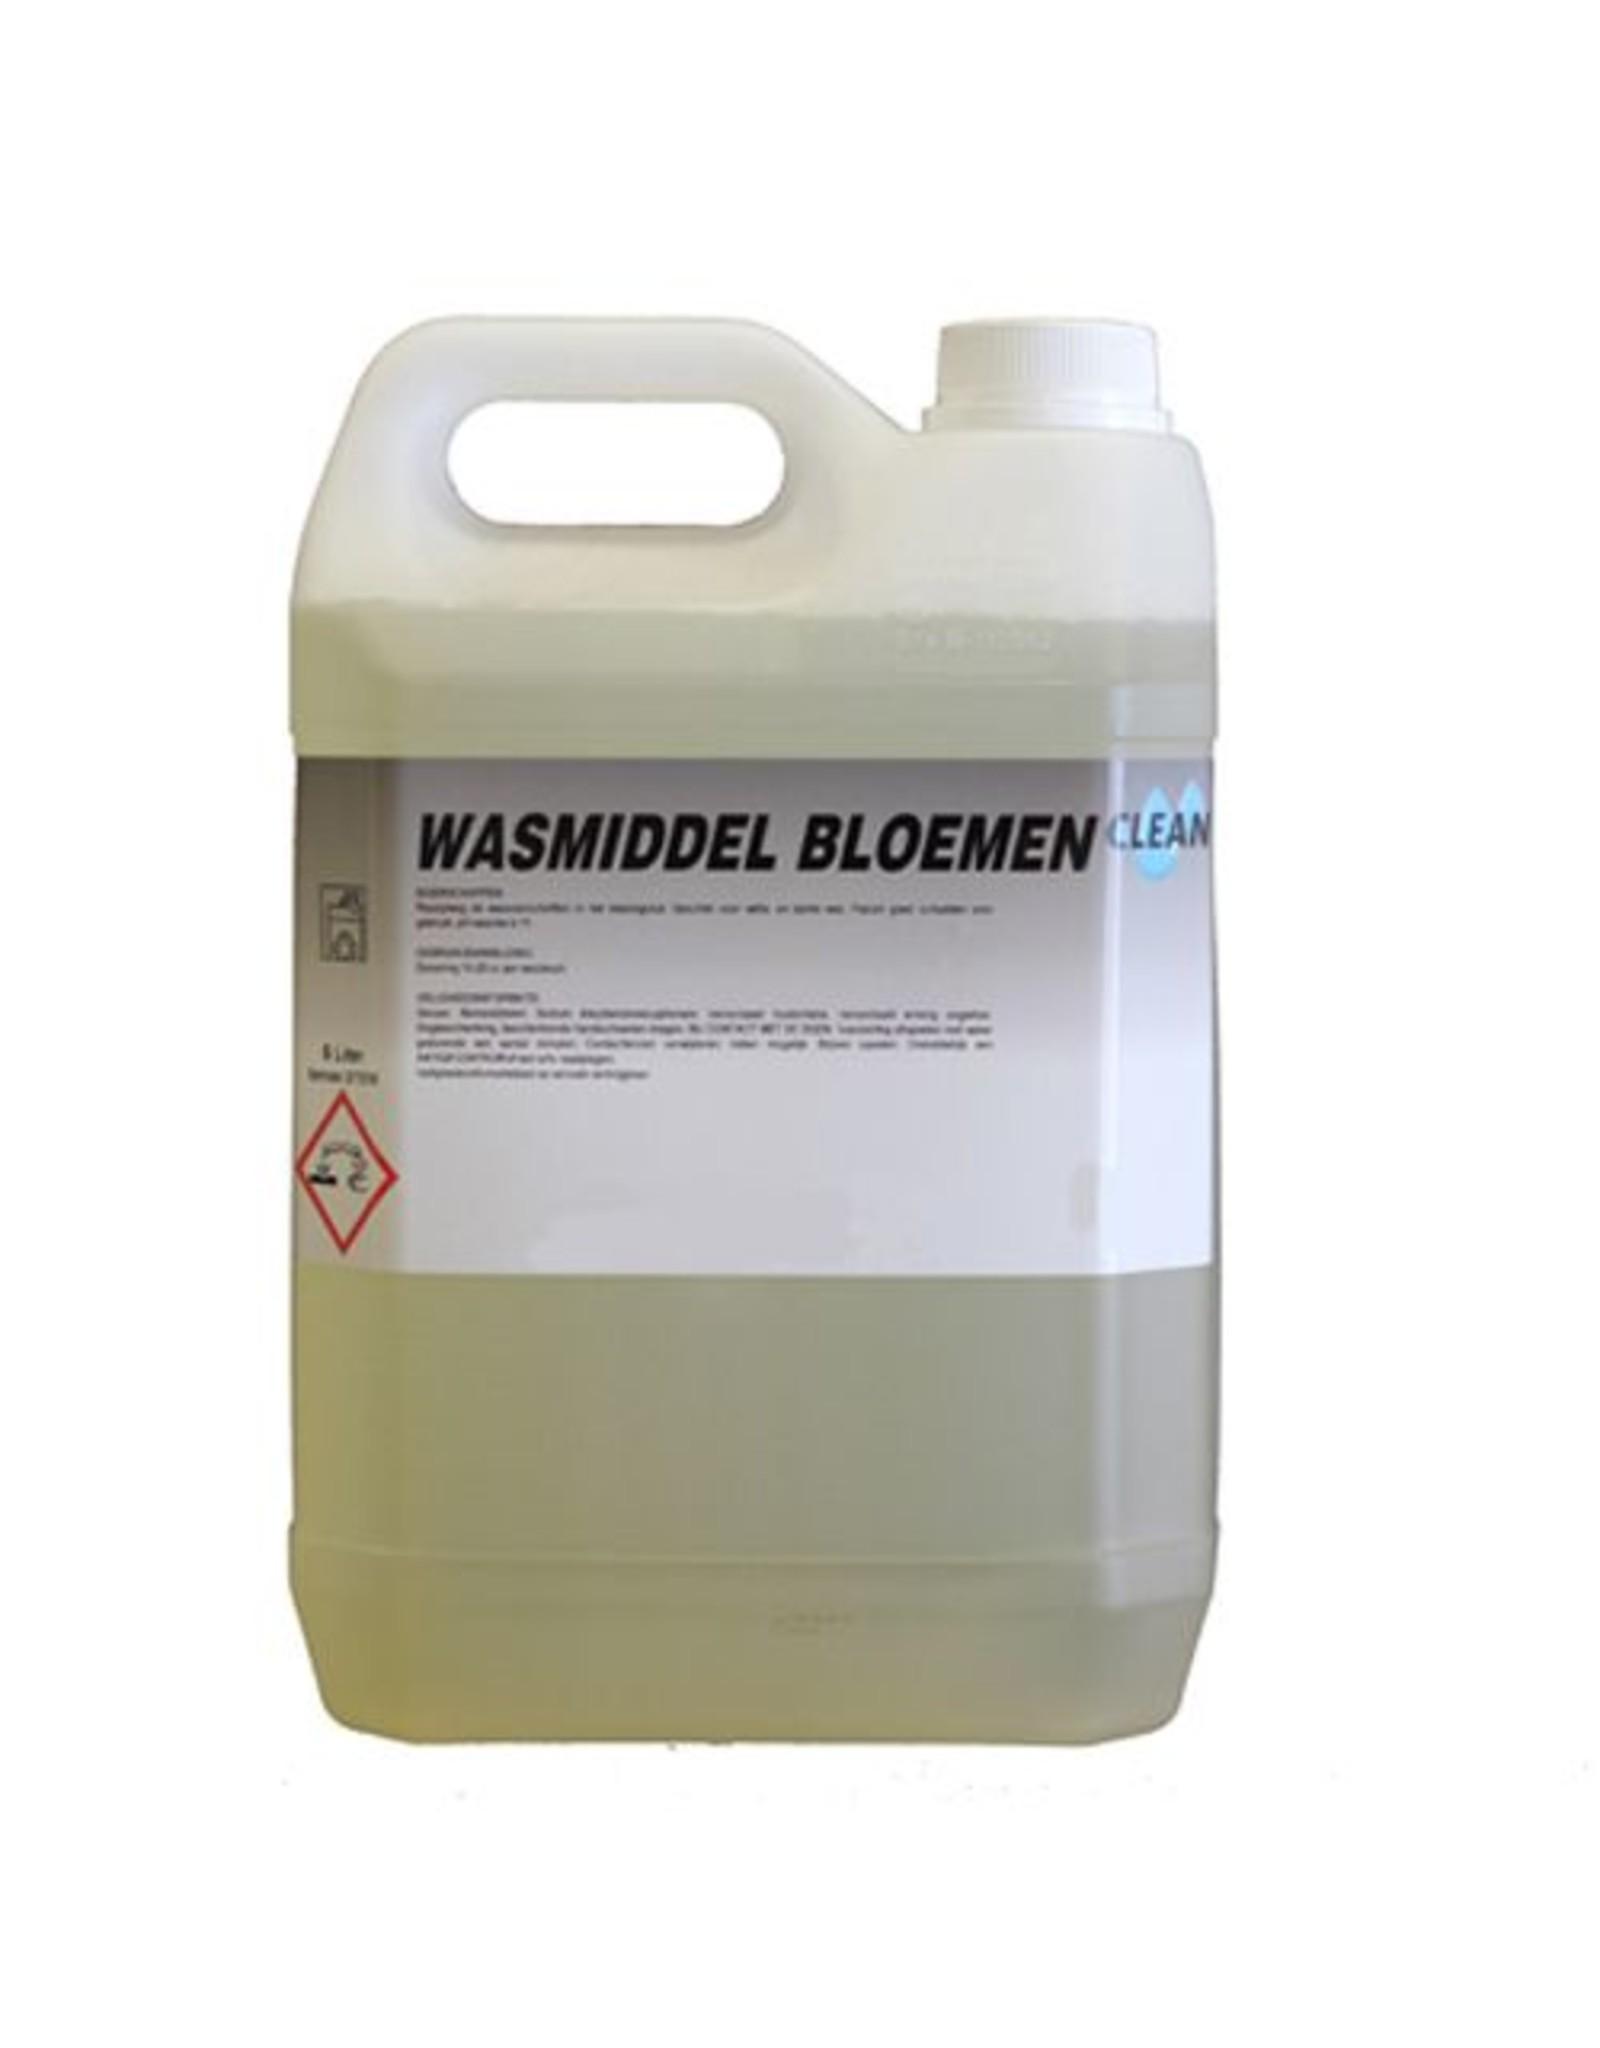 Clean Vloeibaar wasmiddel 5 ltr.